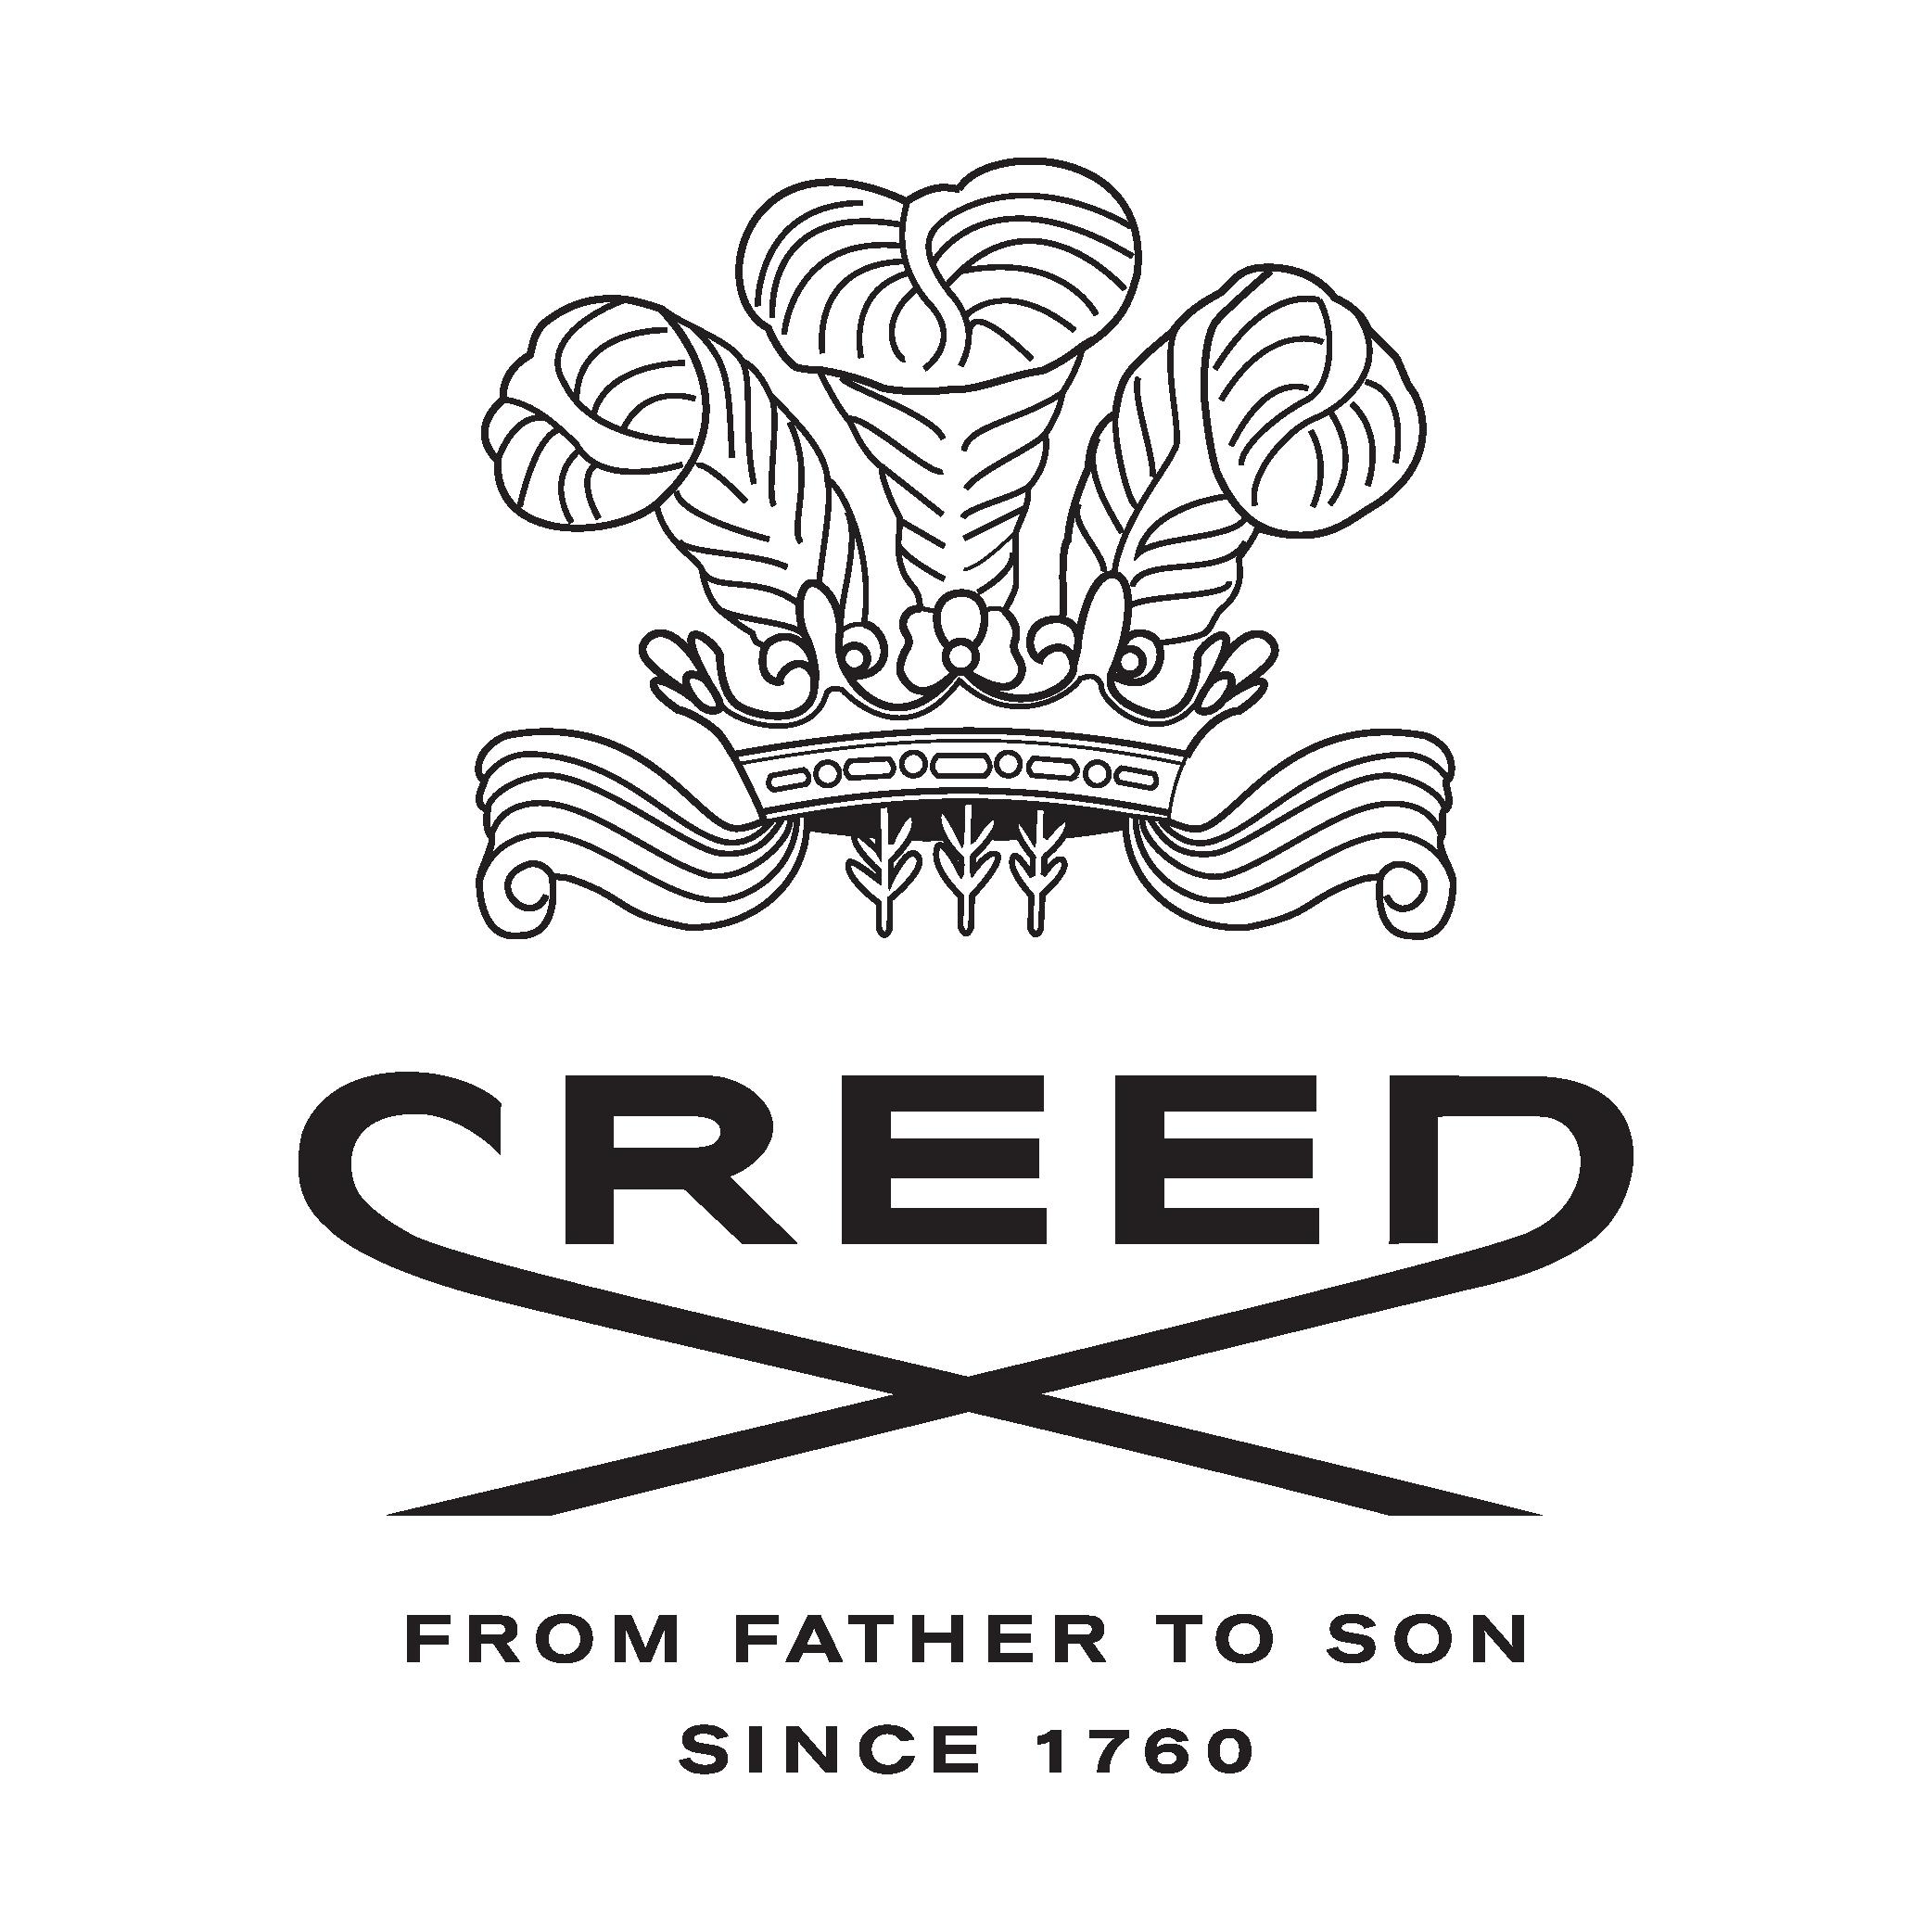 creed-logo.png